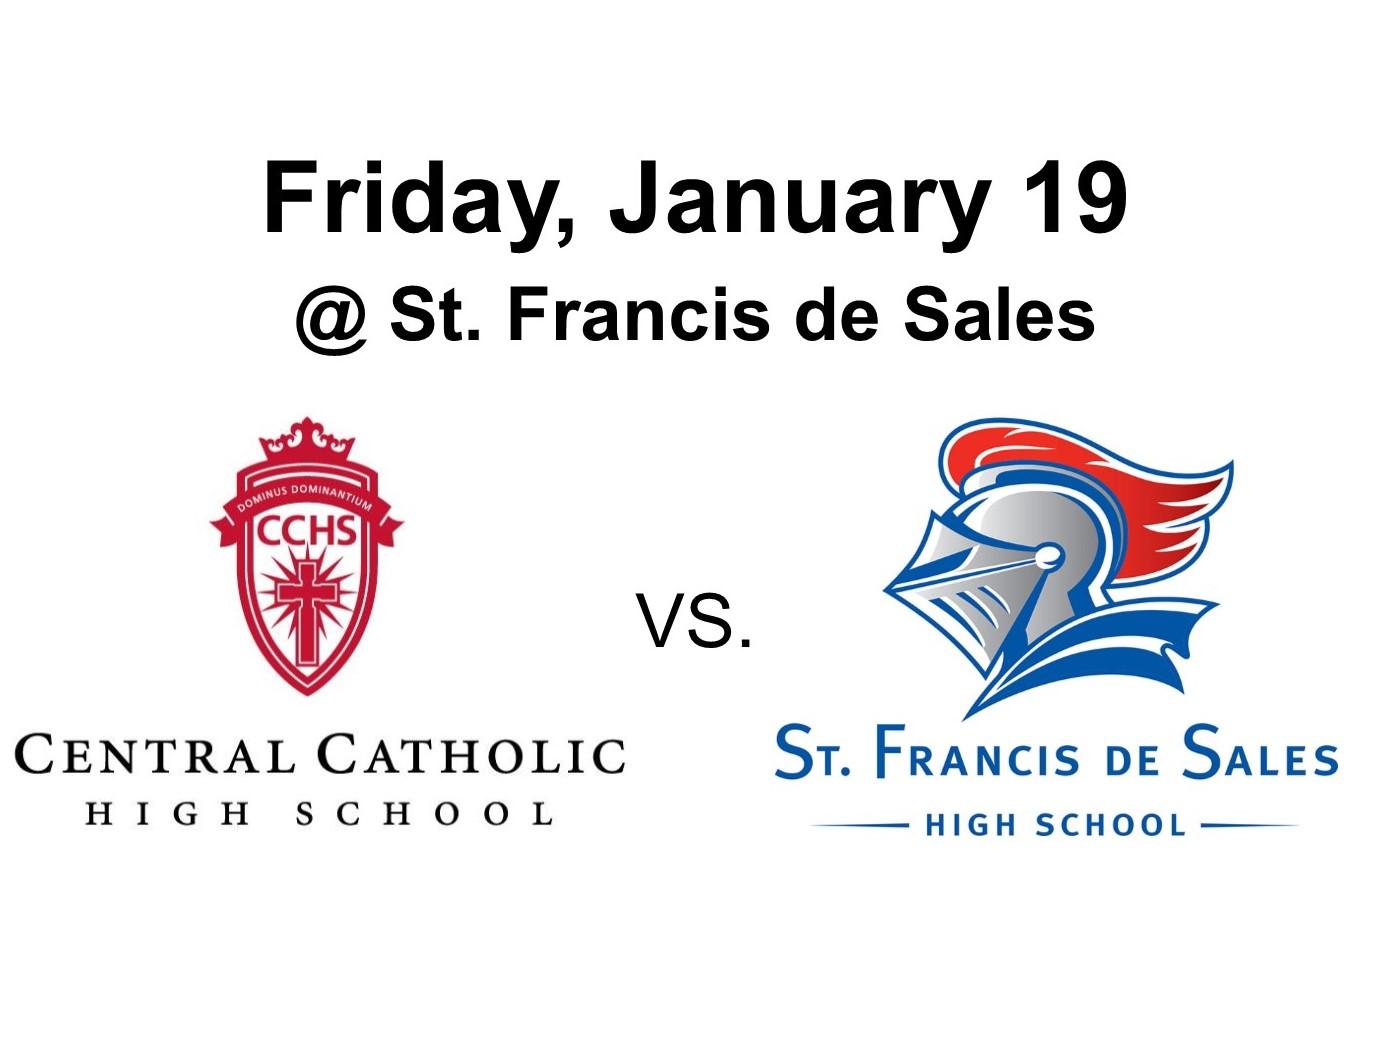 Fighting Irish Boys Basketball vs. Knights this Friday, January 19 at St. Francis – #GoFarGoIrish